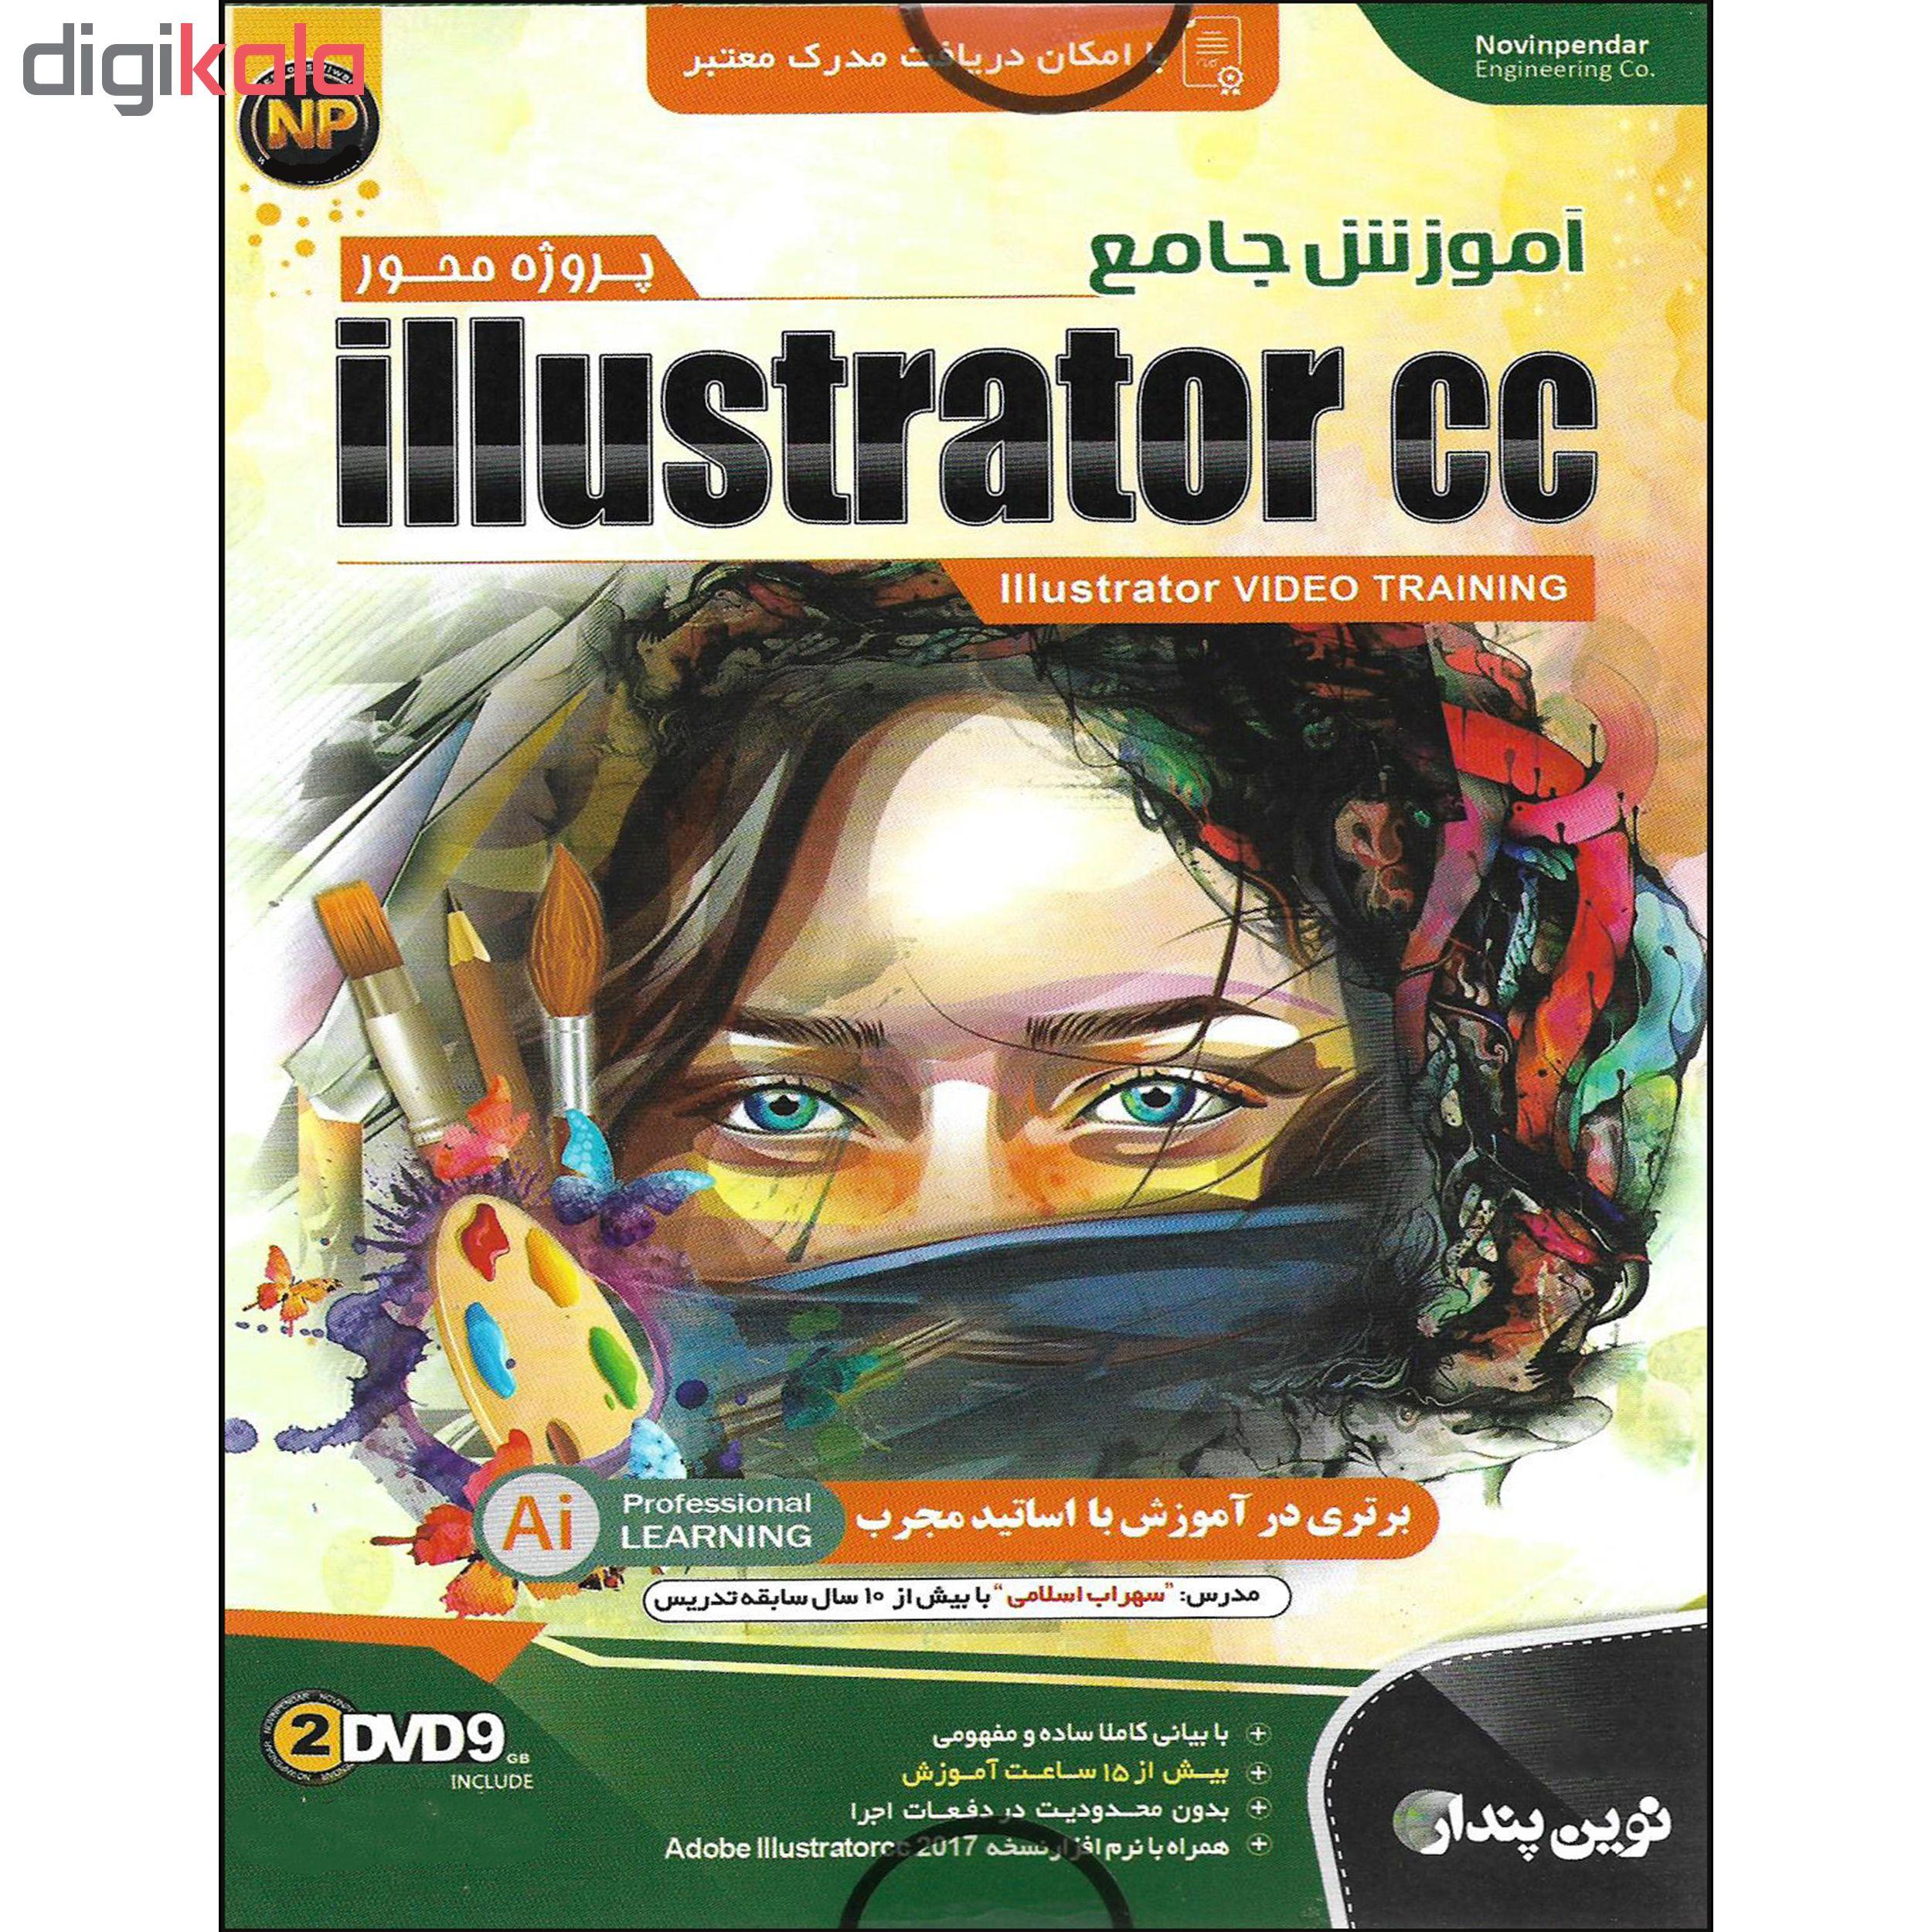 نرم افزار آموزش پروژه محور Illustrator cc نشر نوین پندار به همراه نرم افزار آموزش PHOTOSHOP نشر درنا